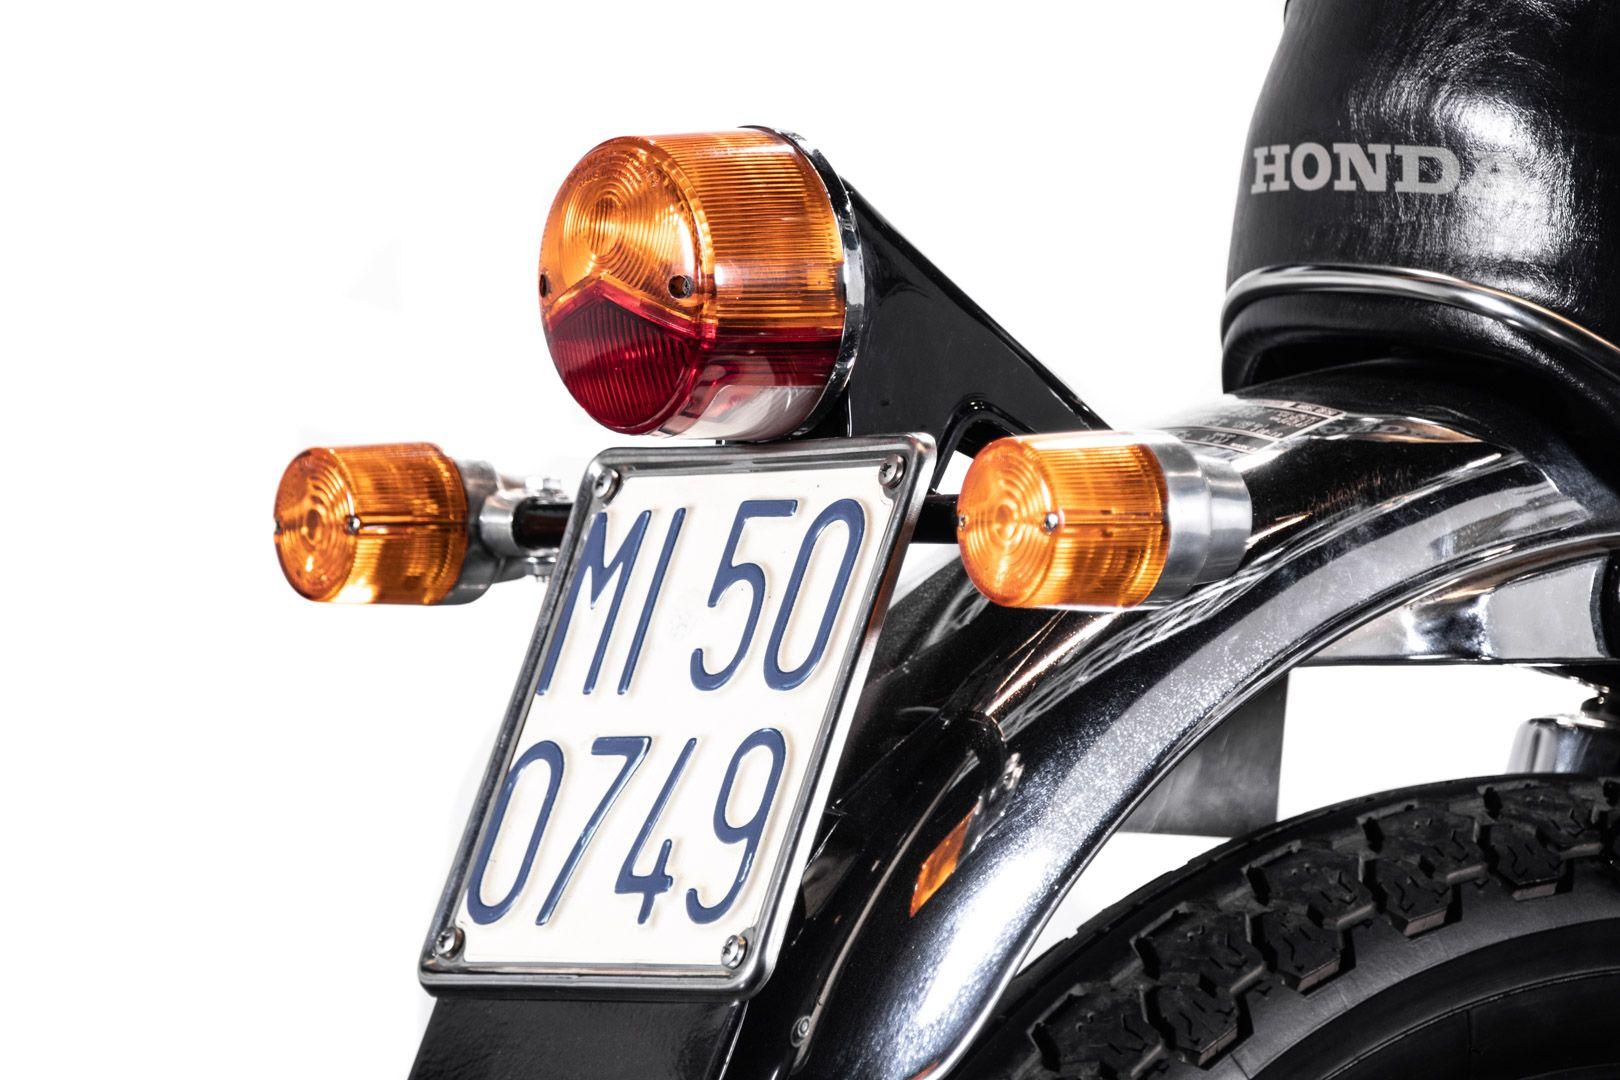 1970 Honda CB 750 Four 83976